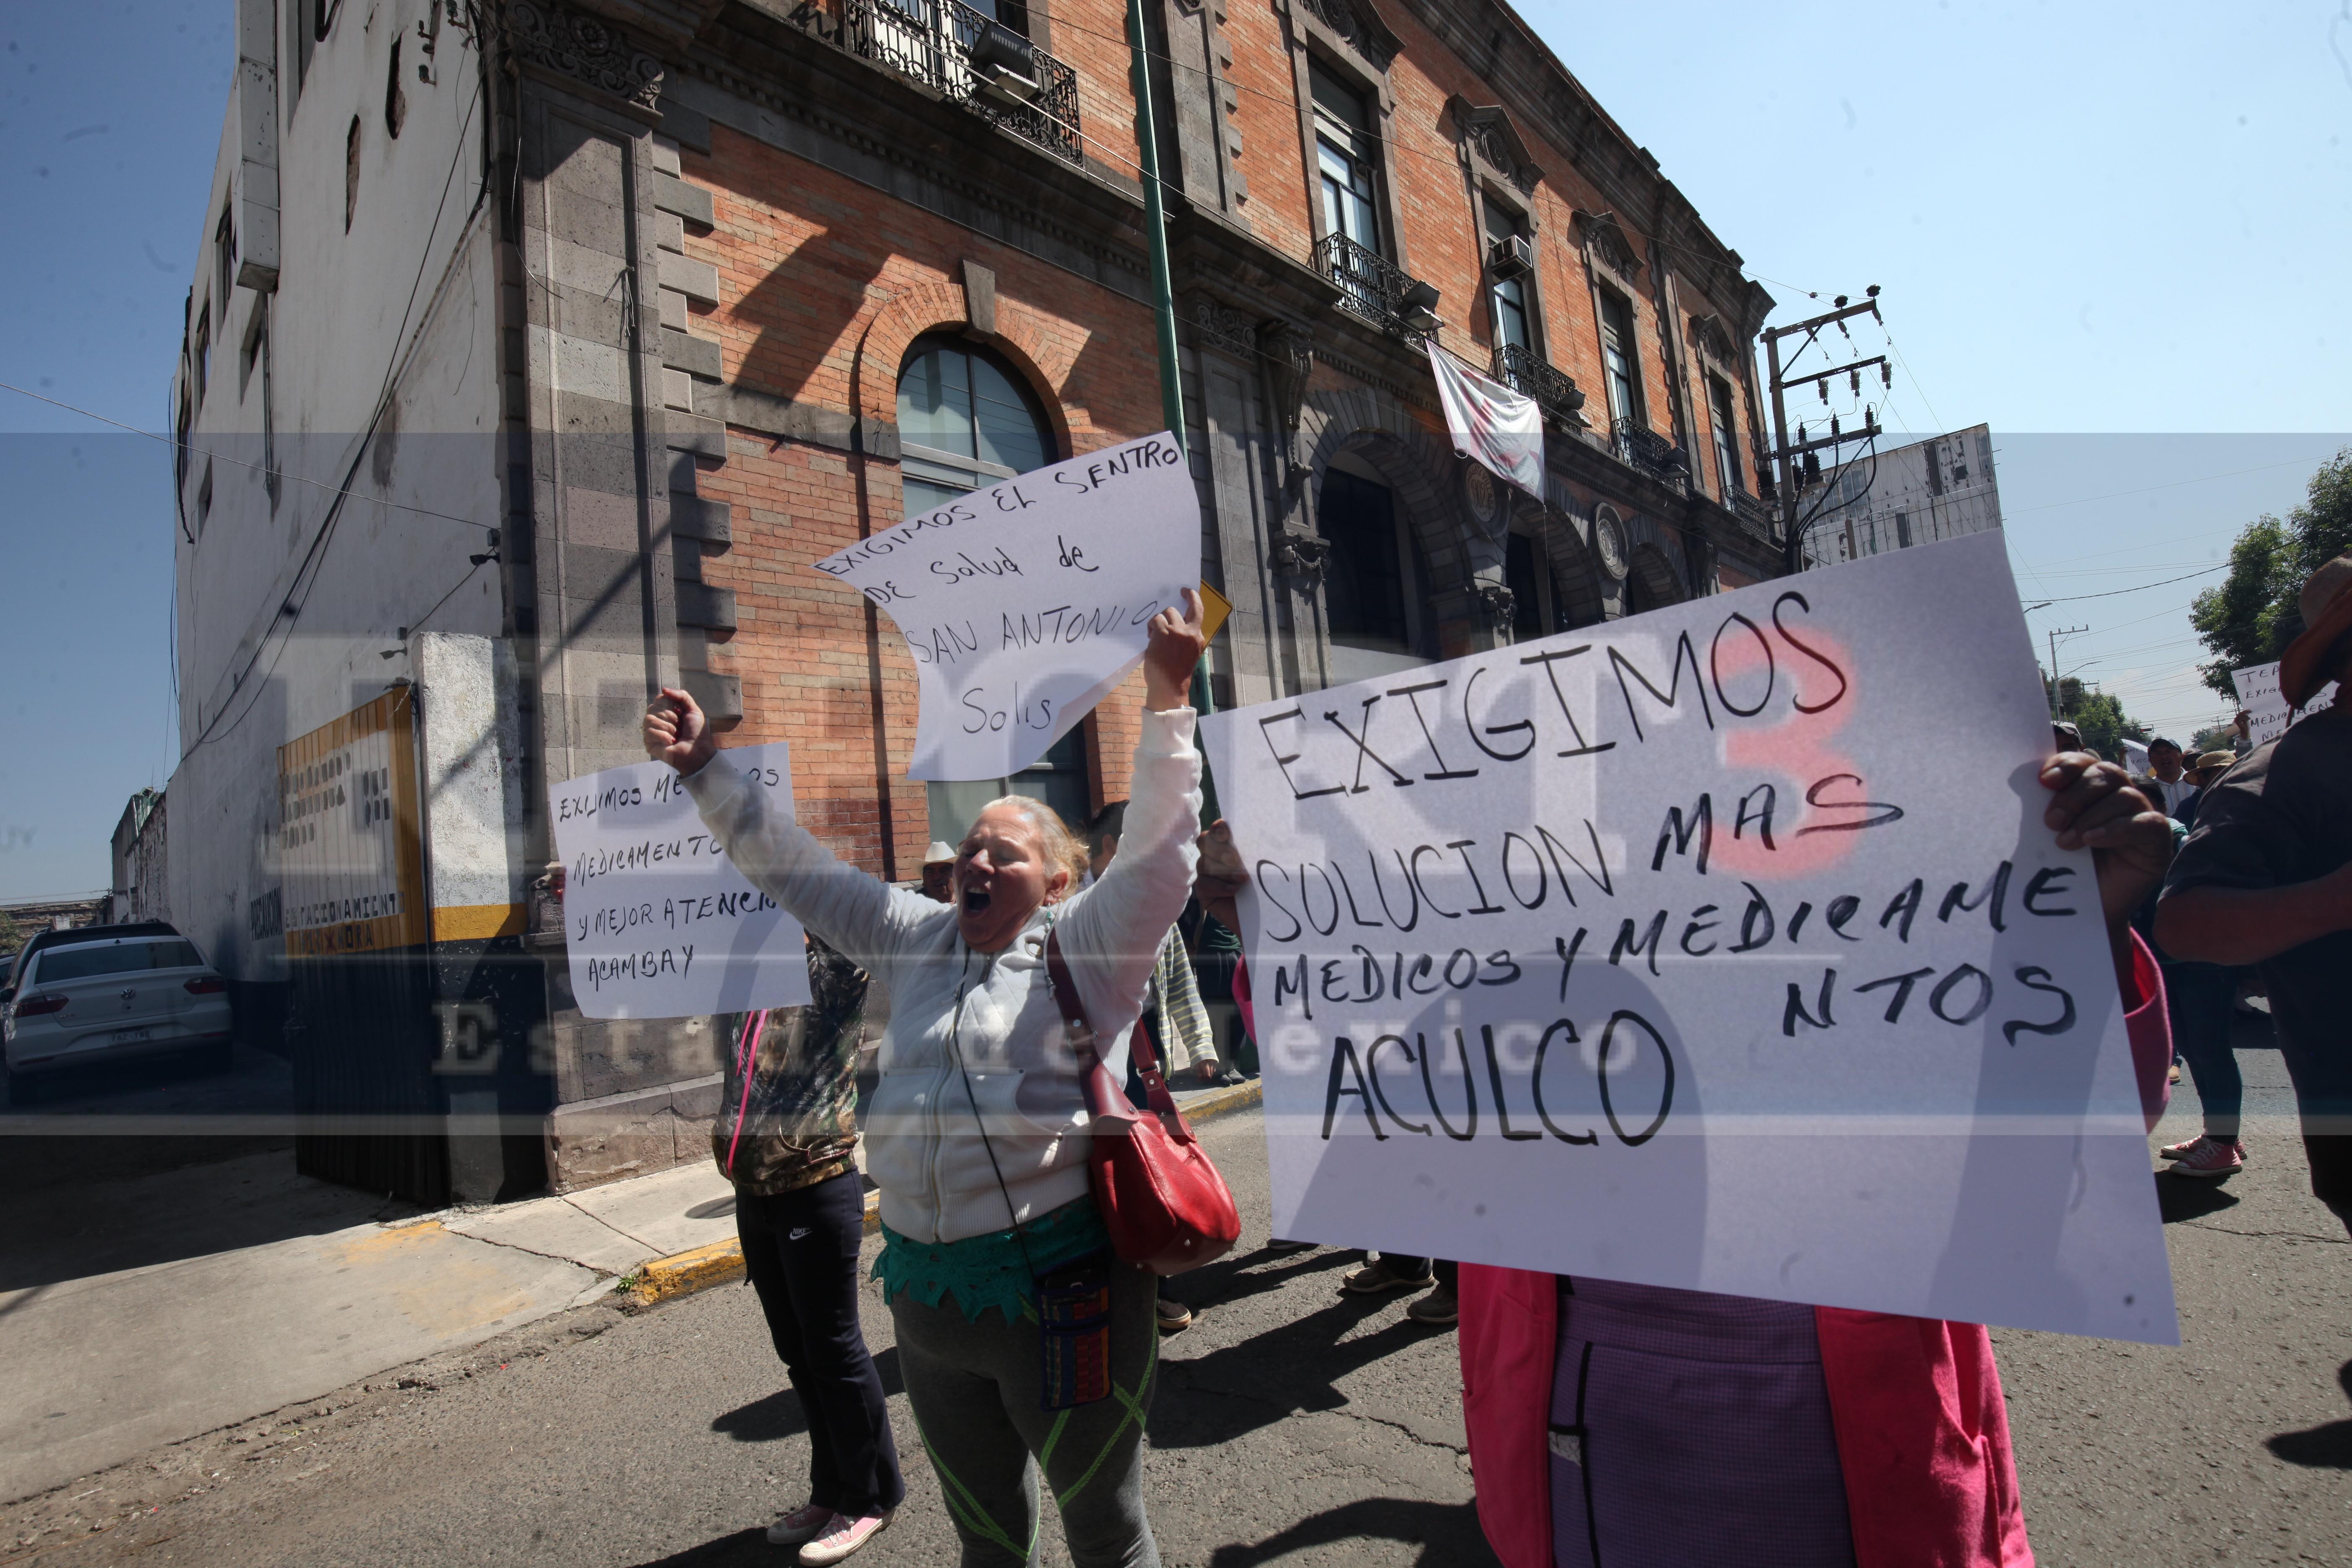 Se manifiestan para pedir médicos y medicinas en centros de salud. En 7 municipios de la zona norte del Estado de México